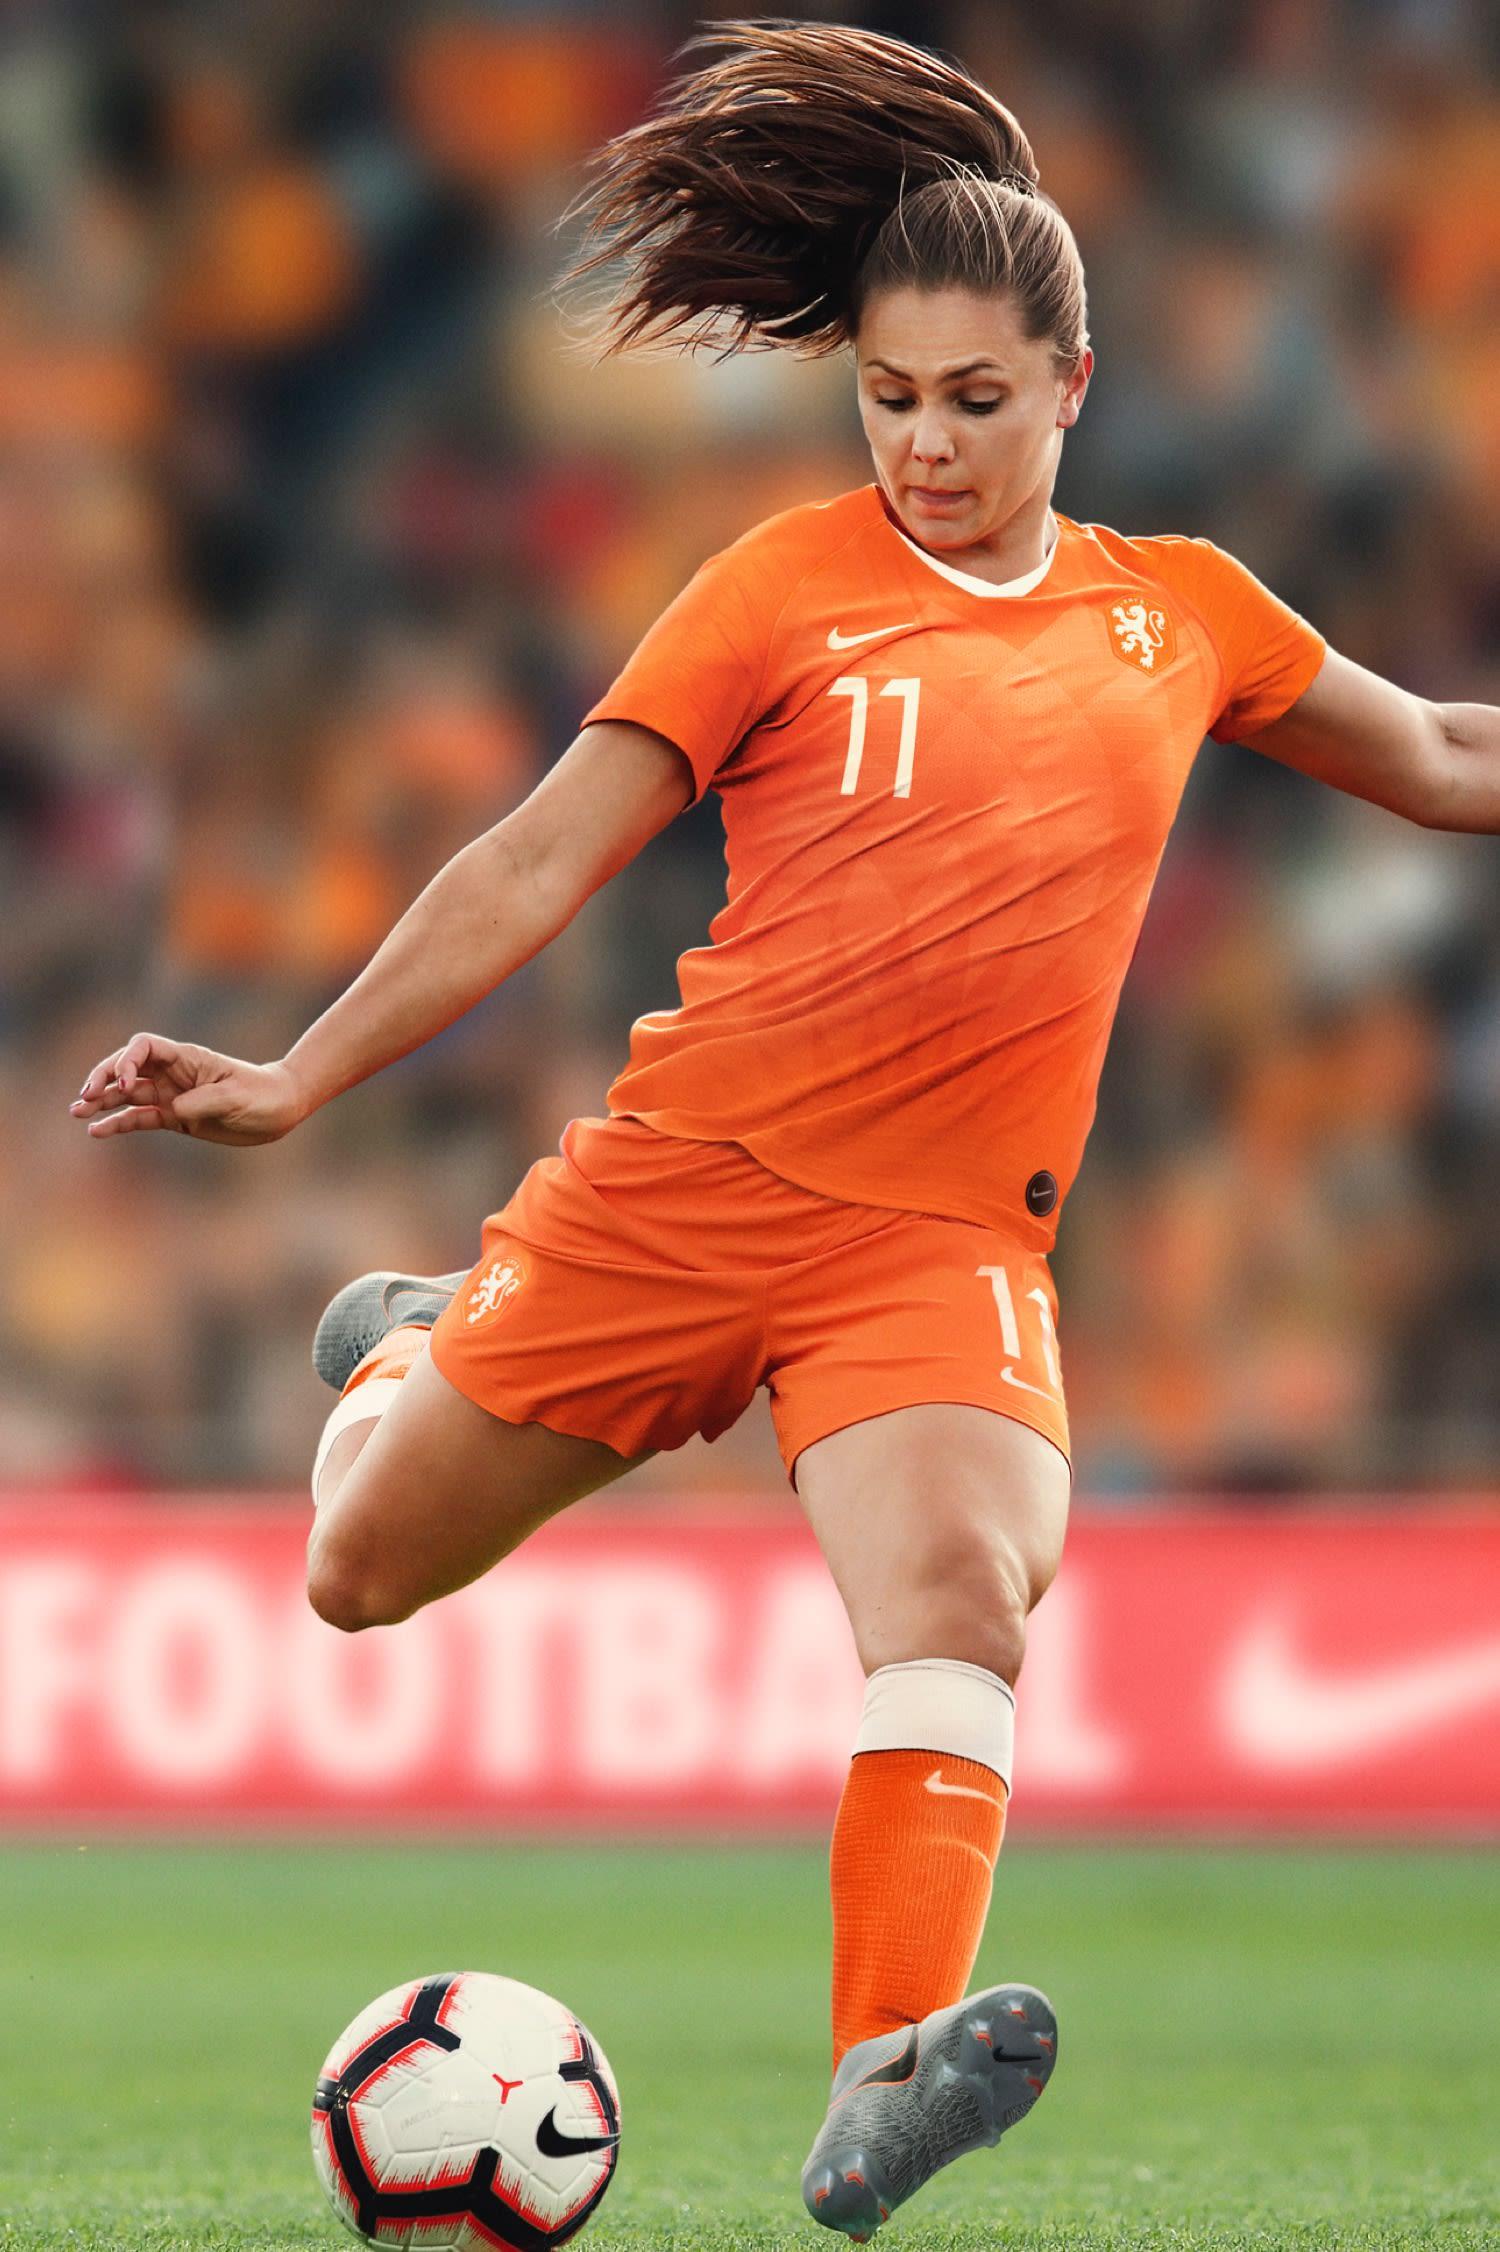 NETHERLANDS / FOOTBALL CENTRAL hub